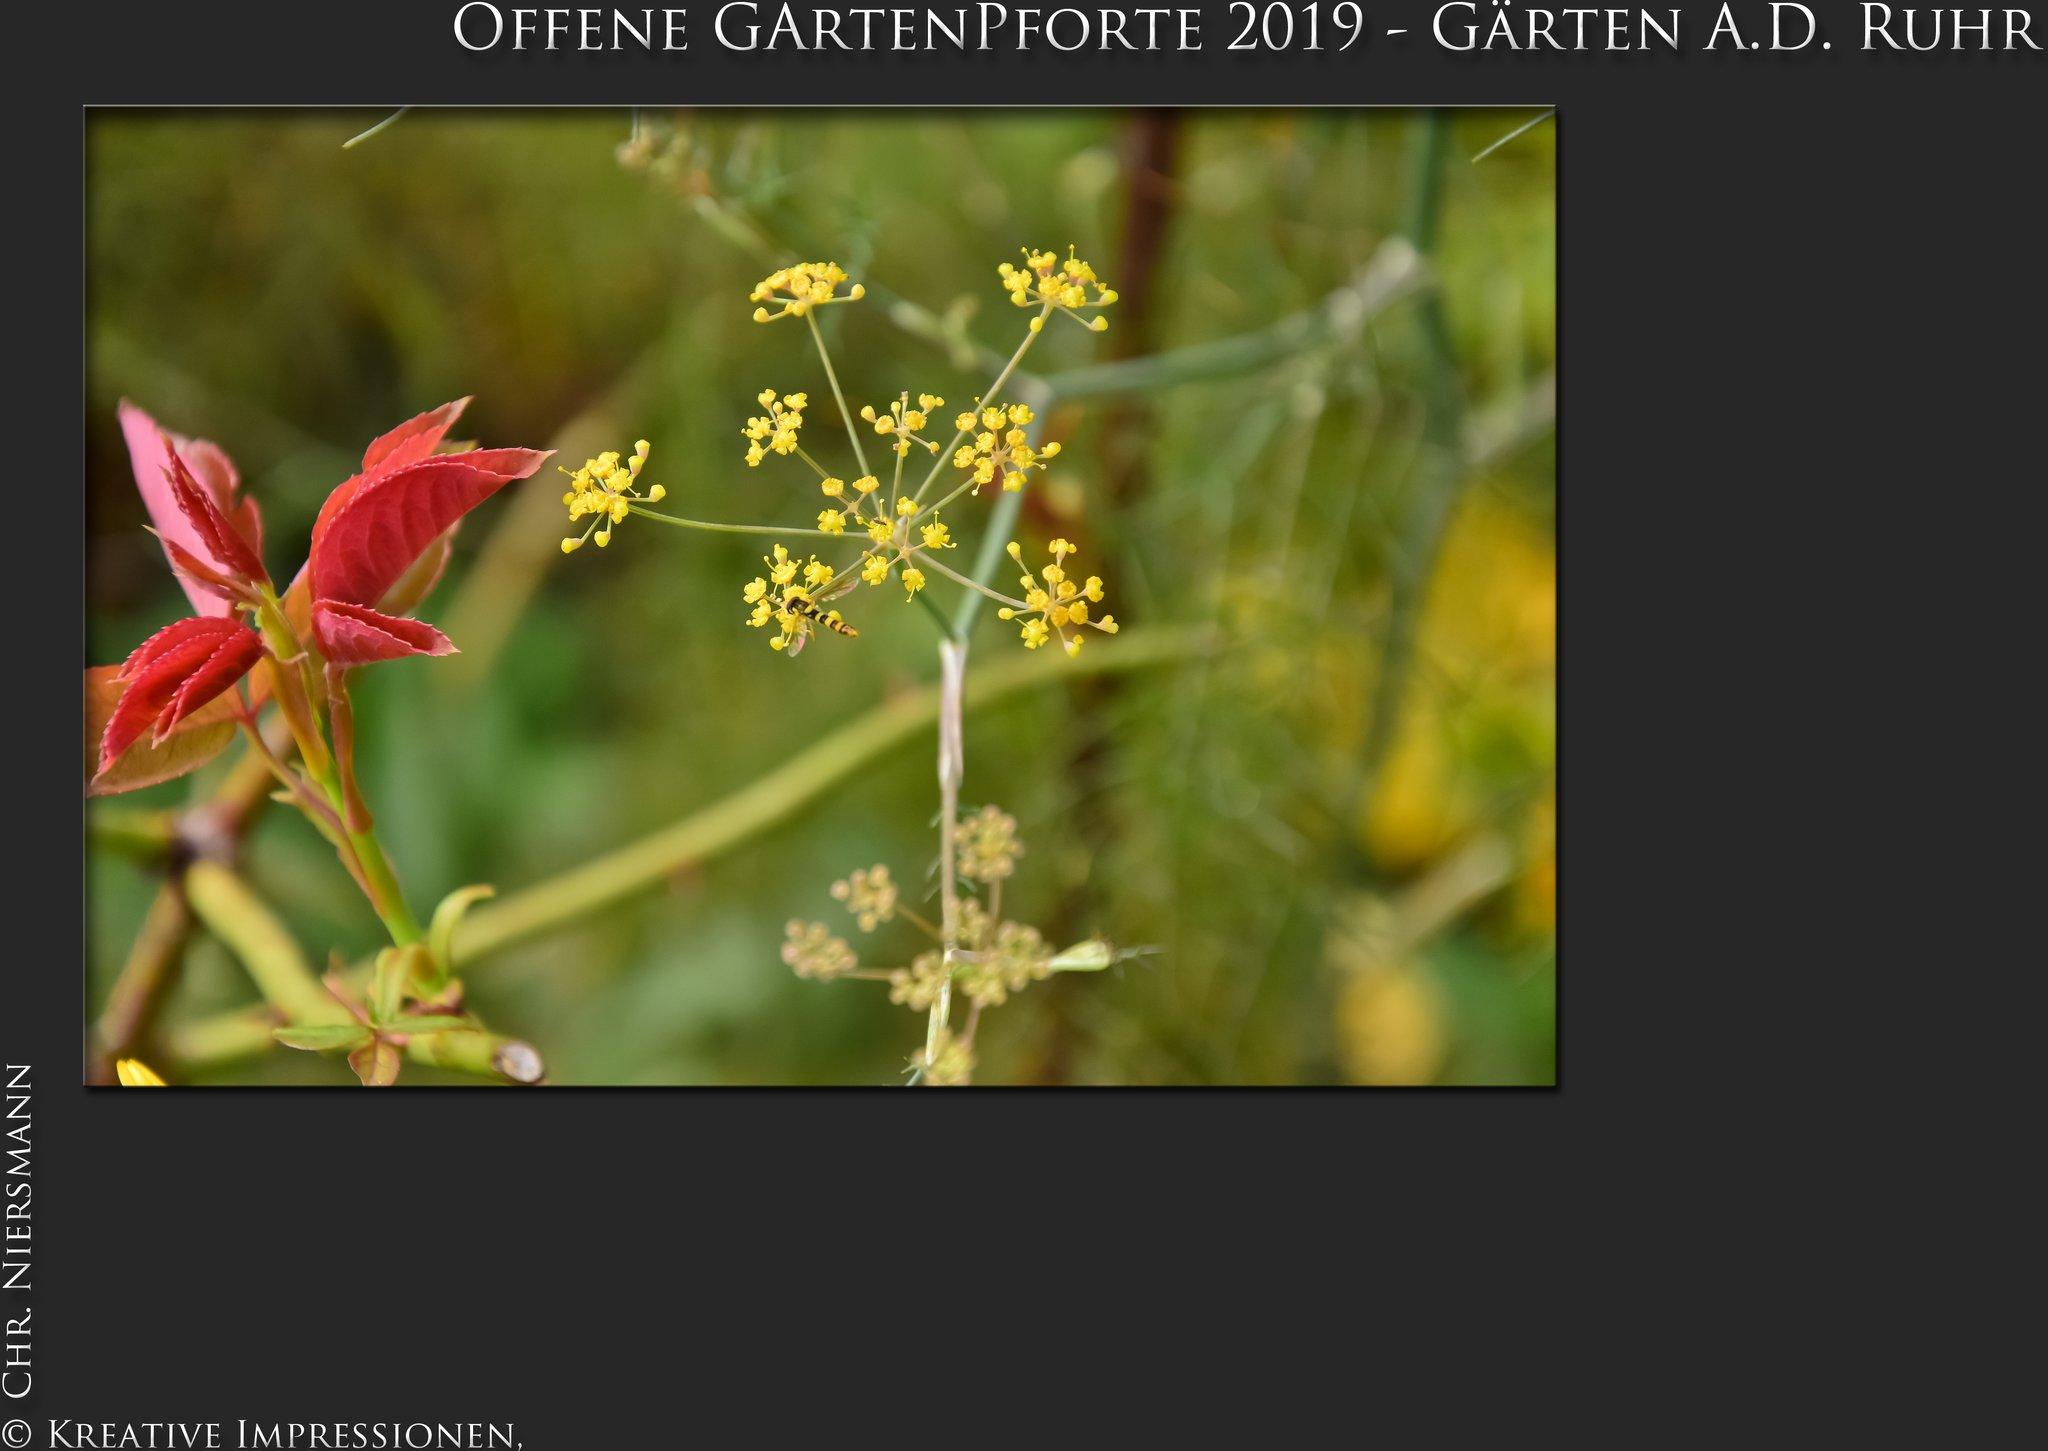 fene GartenPforte 2019 Gärten a d Ruhr Romantischer